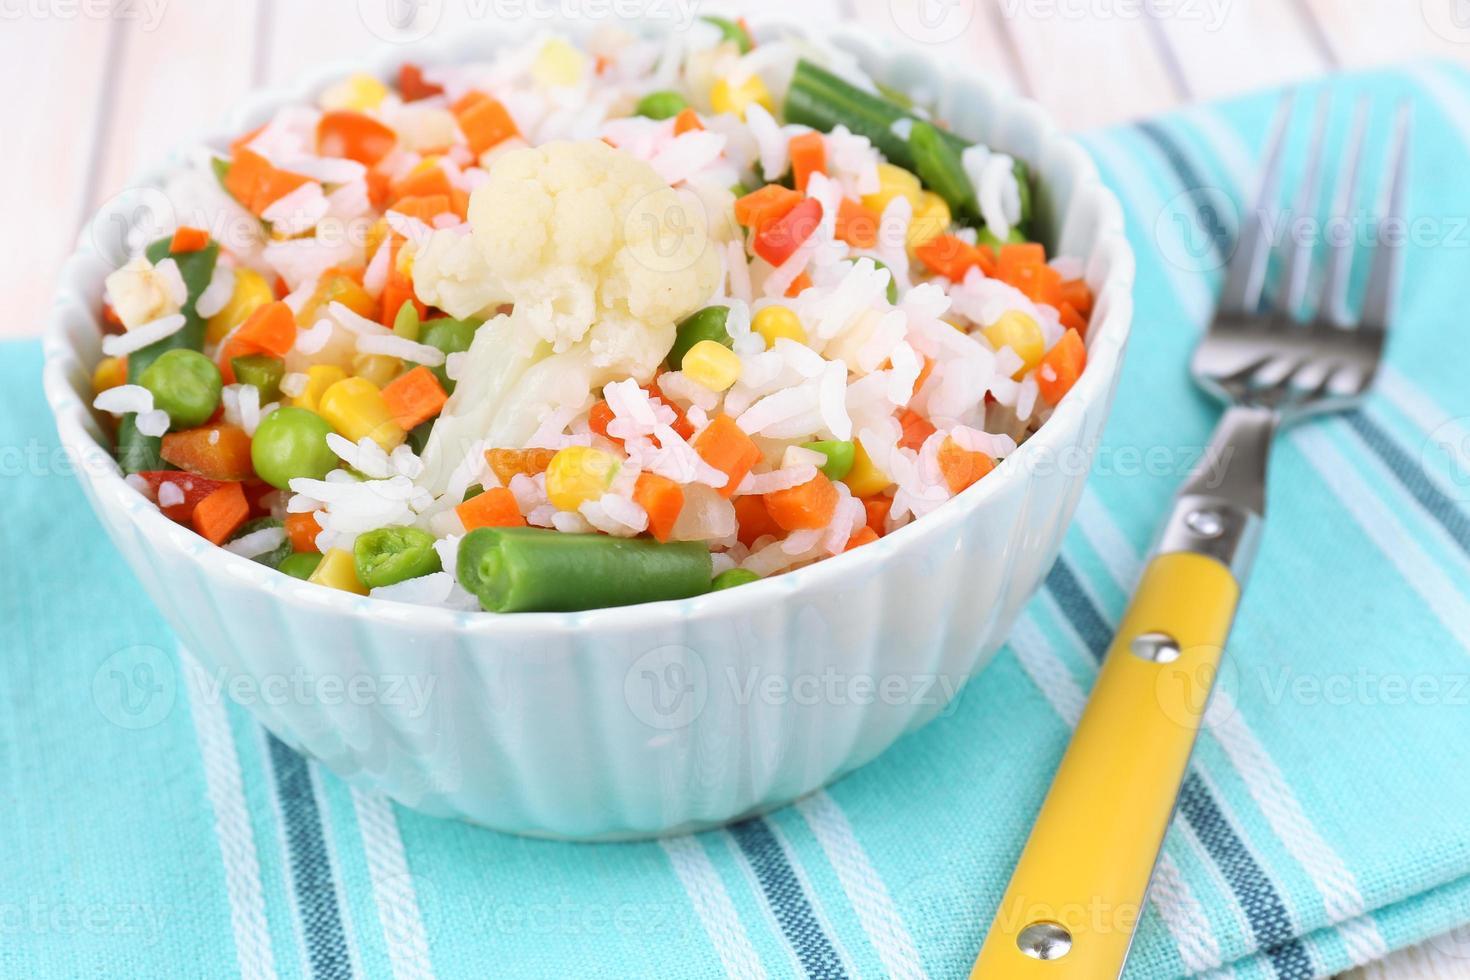 gekookte rijst met groenten op houten lijst dicht omhoog foto